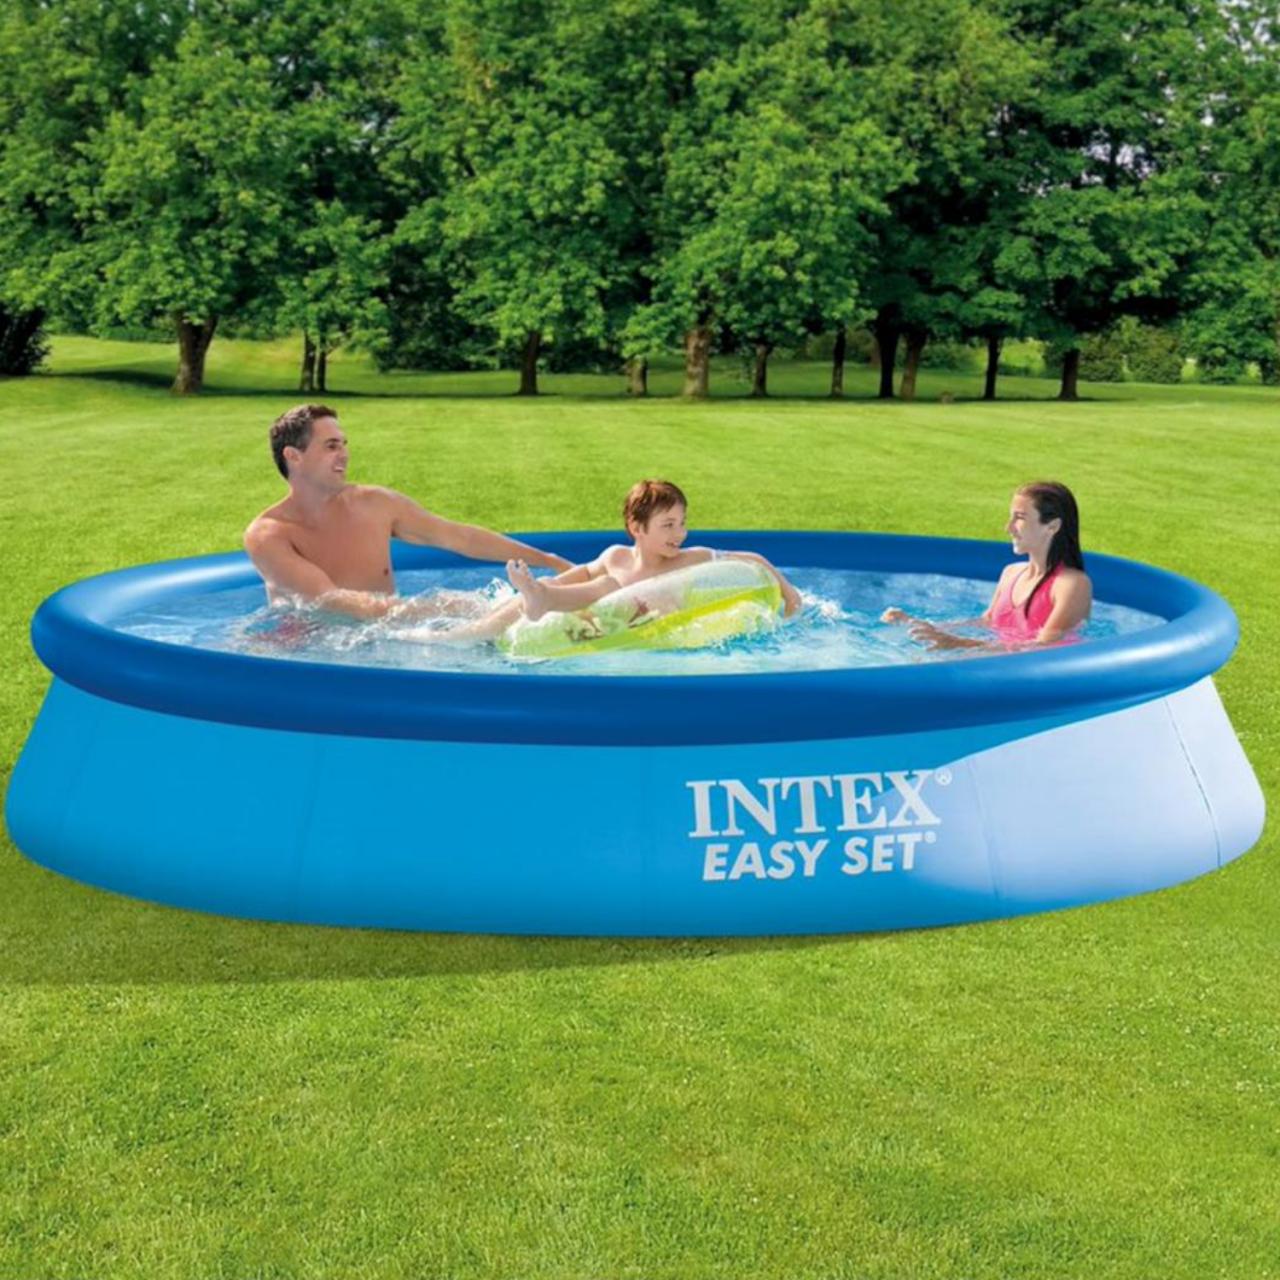 Intex Easy Set Pool 366 x 76 cm Schwimmbecken Schwimmbad mit Filterpumpe 28132